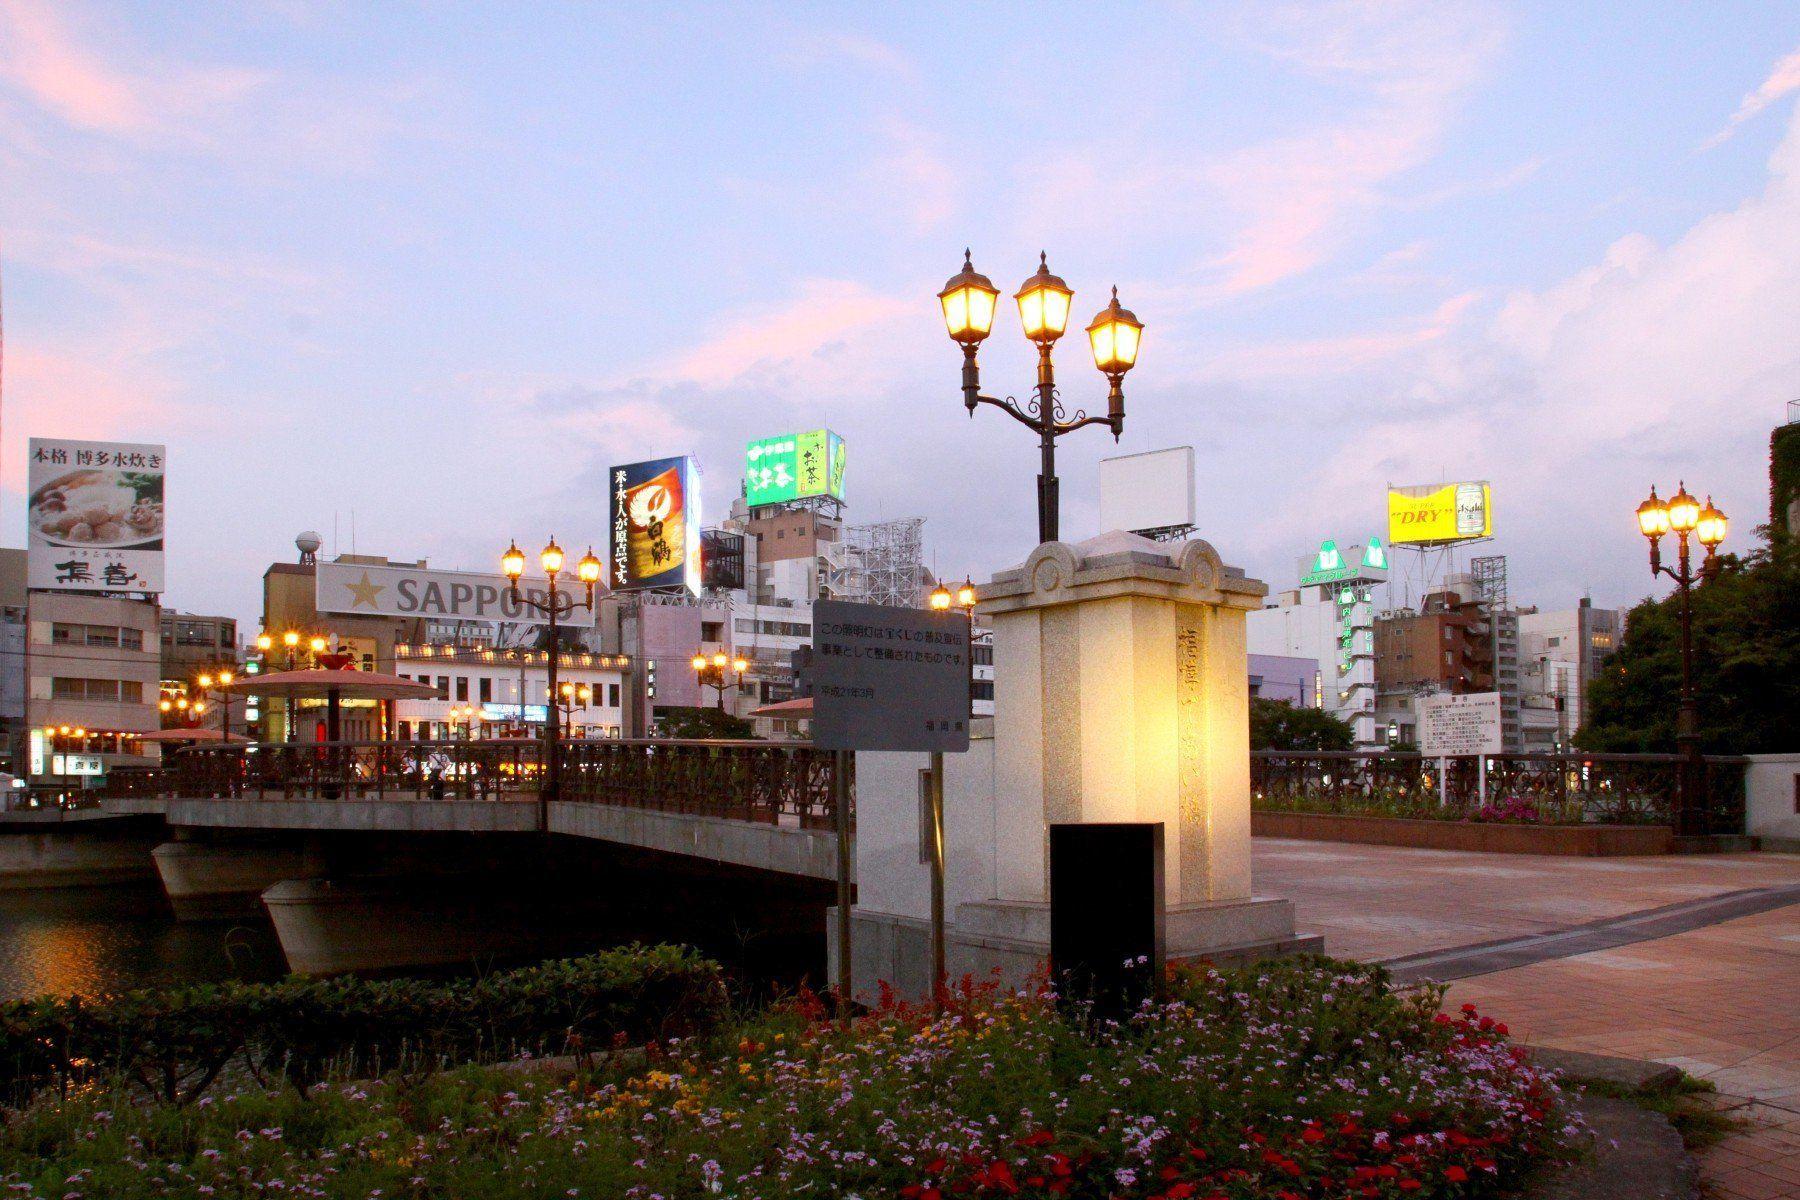 福岡と博多をつなぐ福博であい橋(2009)の画像